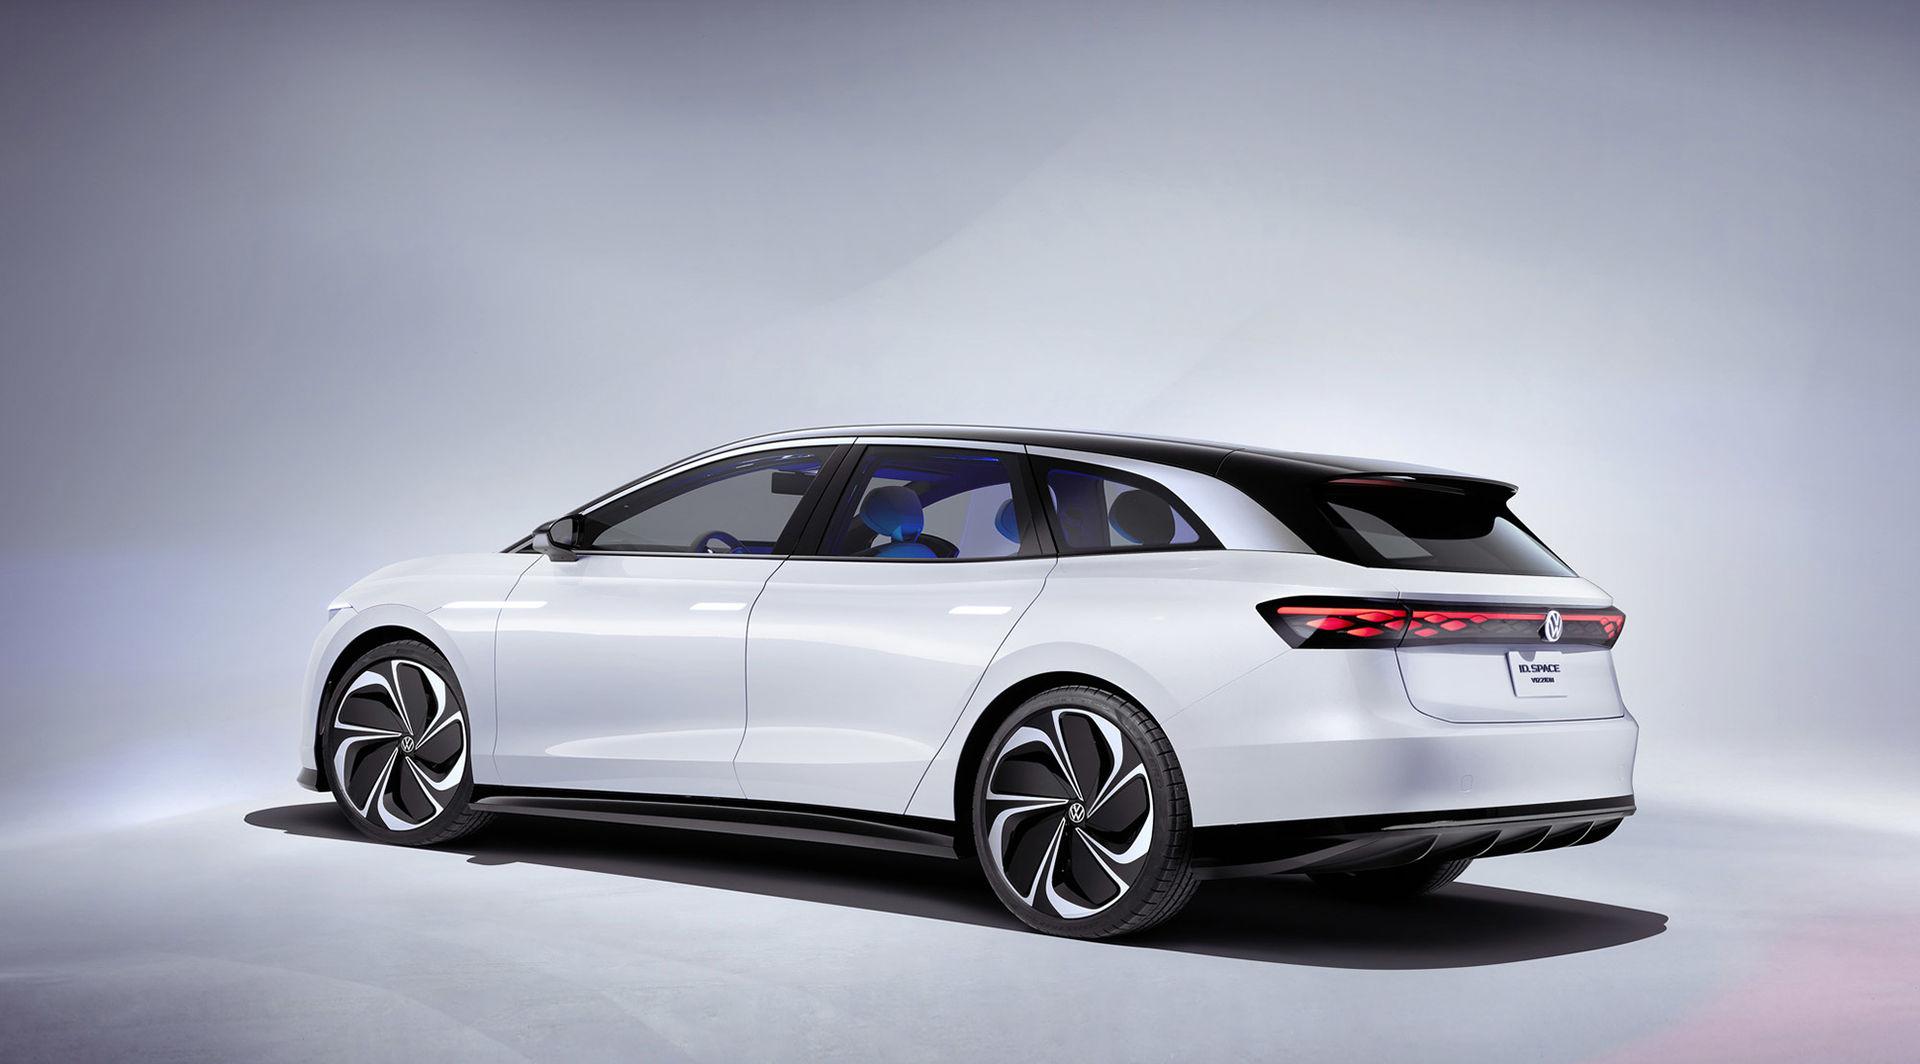 Elbil baserad på Volkswagen ID. Space Vizzion bekräftad